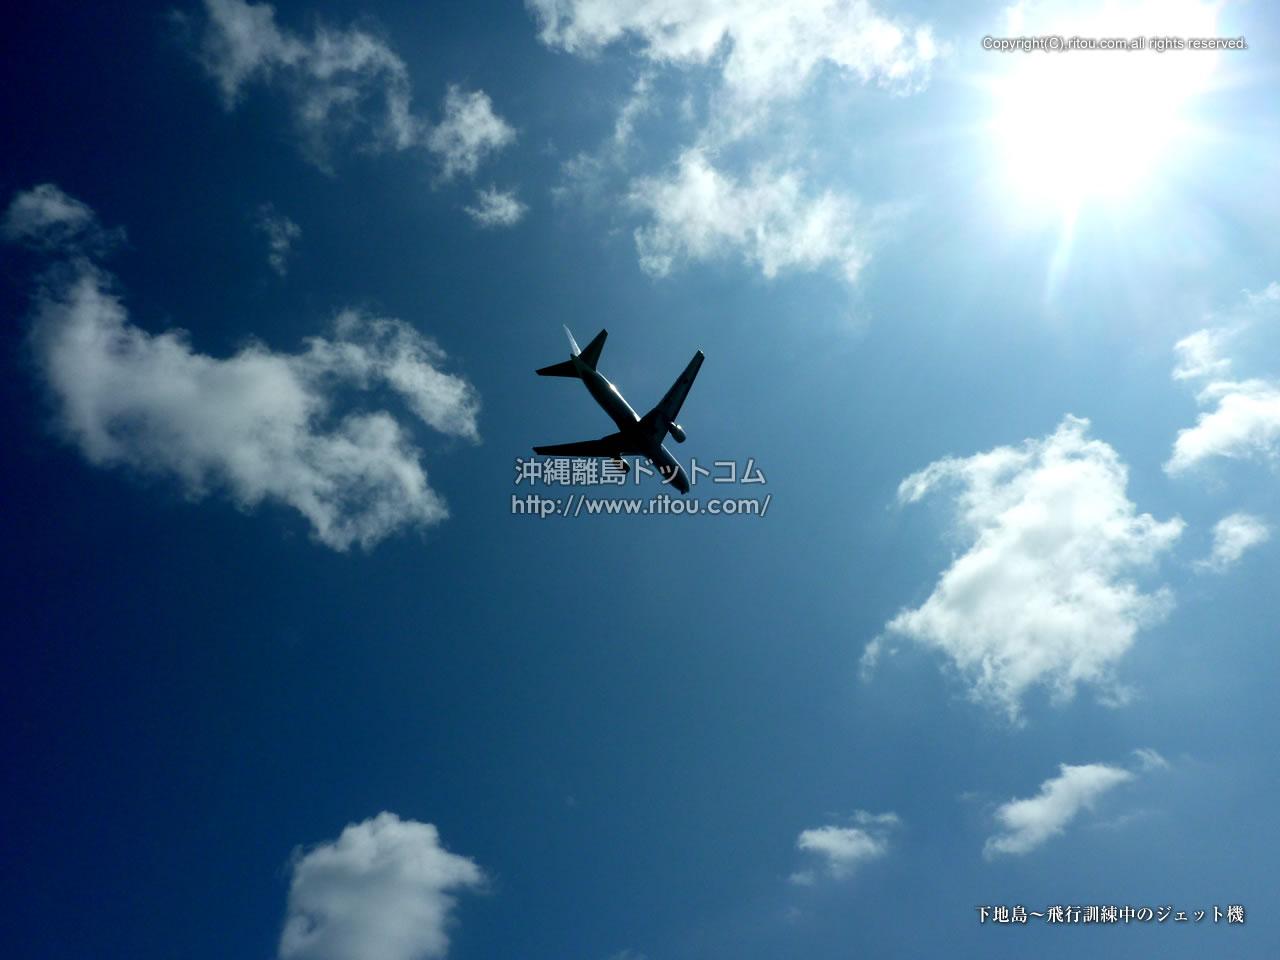 下地島〜飛行訓練中のジェット機